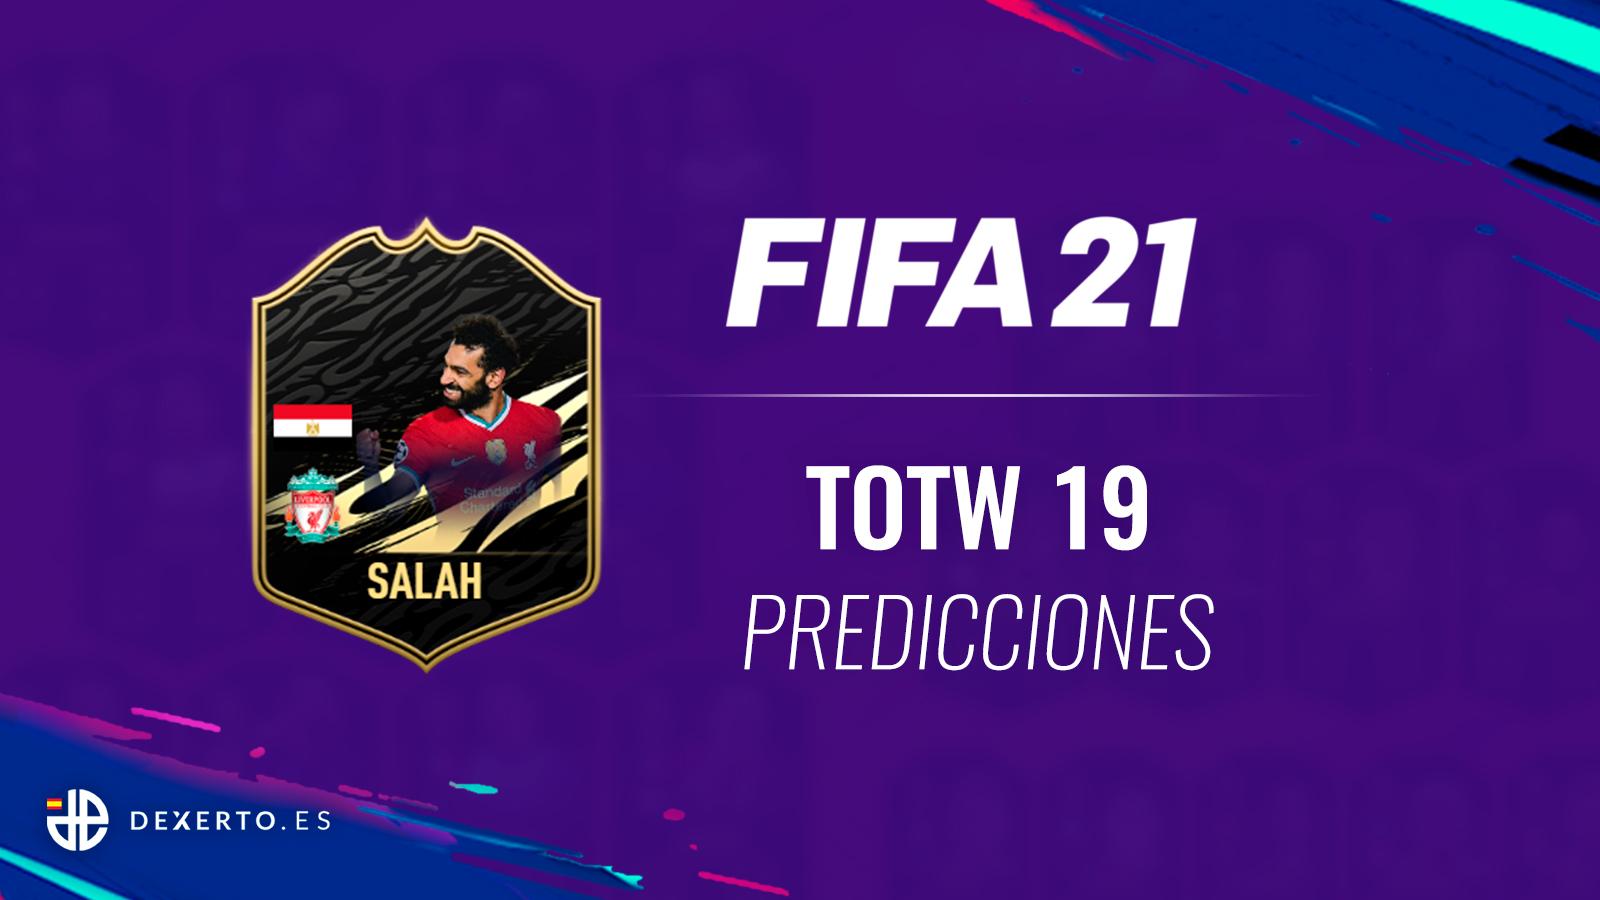 Salah FIFA 21 TOTW 19 Predicciones